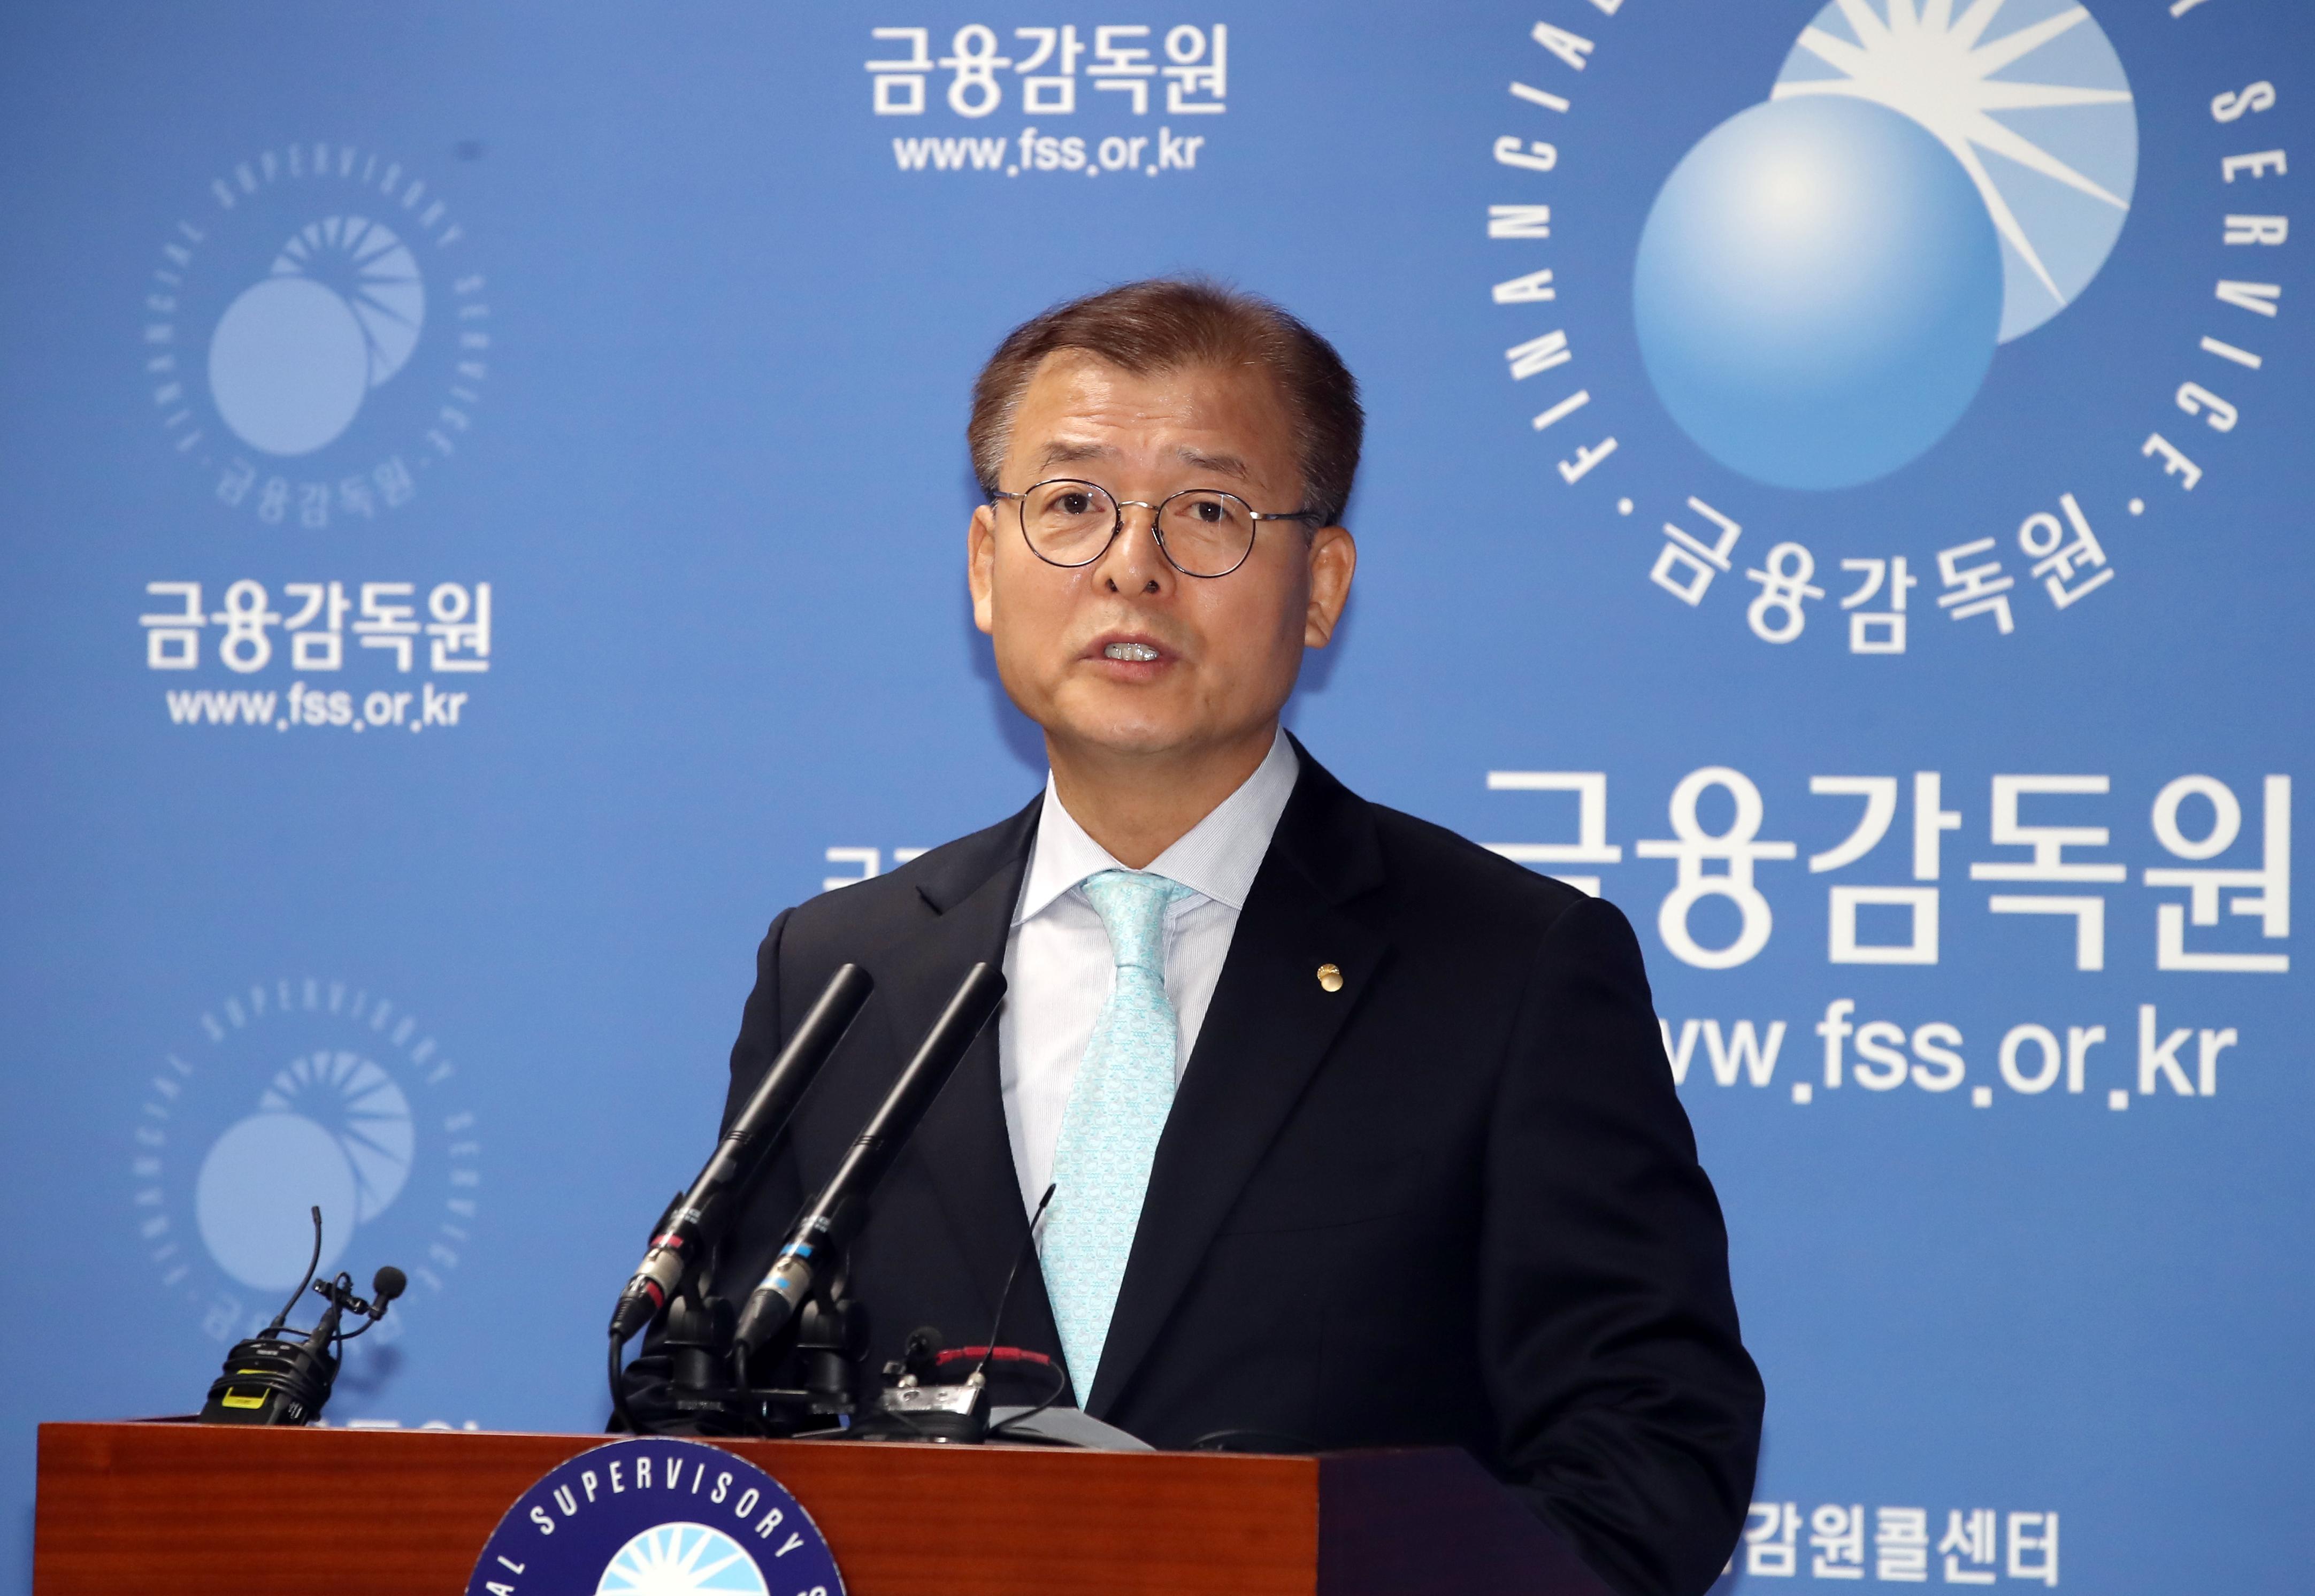 정성웅 금융감독원 부원장보